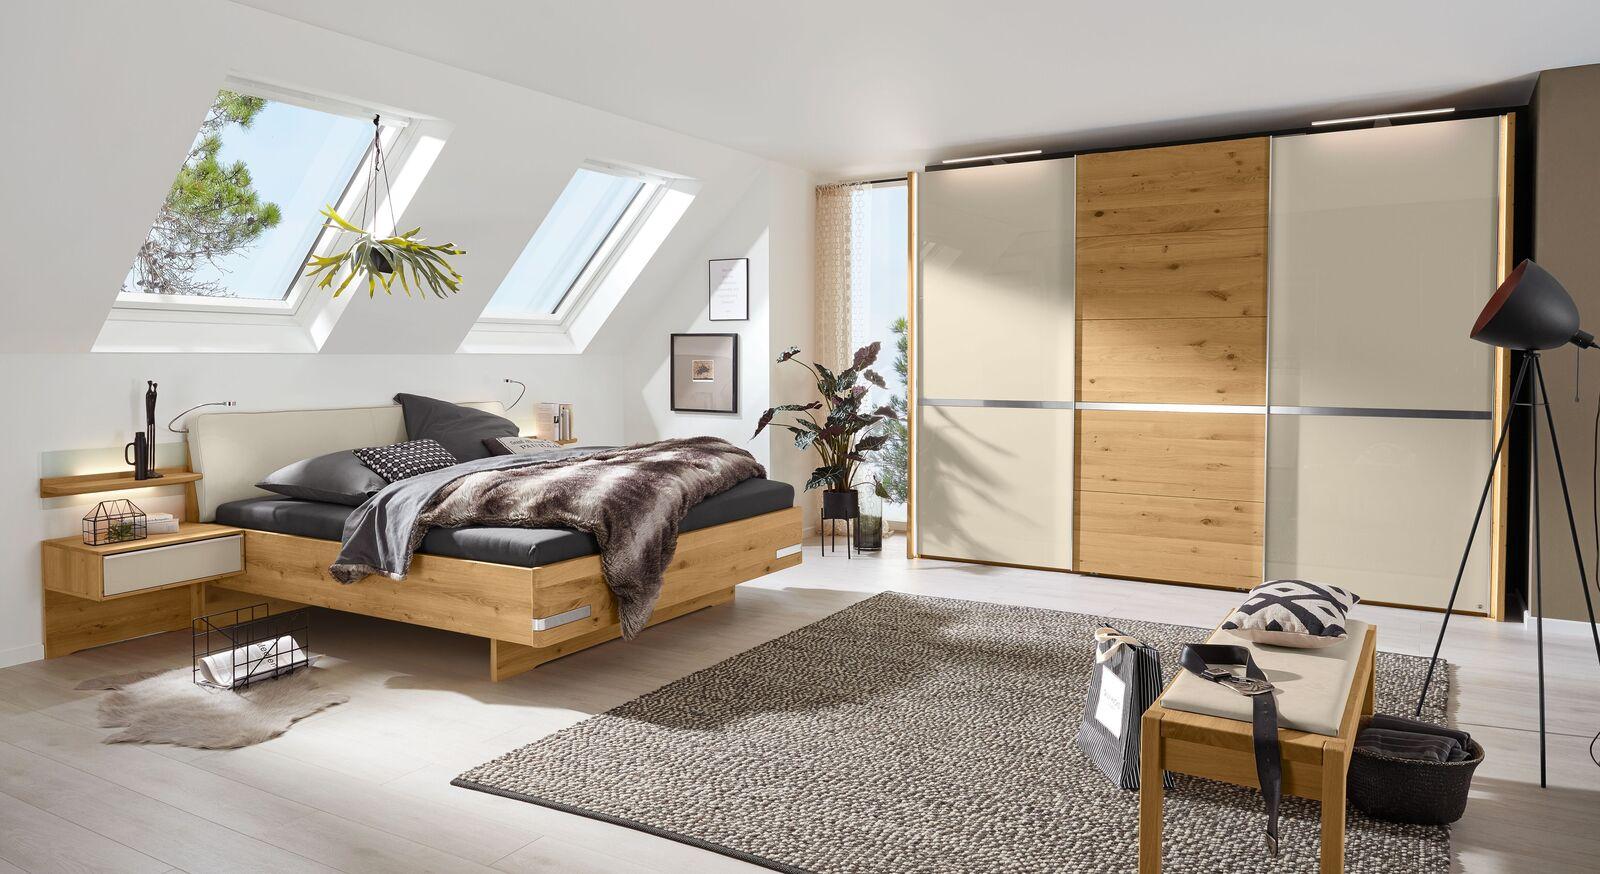 MUSTERRING Bett Savona 2.0 mit Polsterkopfteil und passenden Möbeln